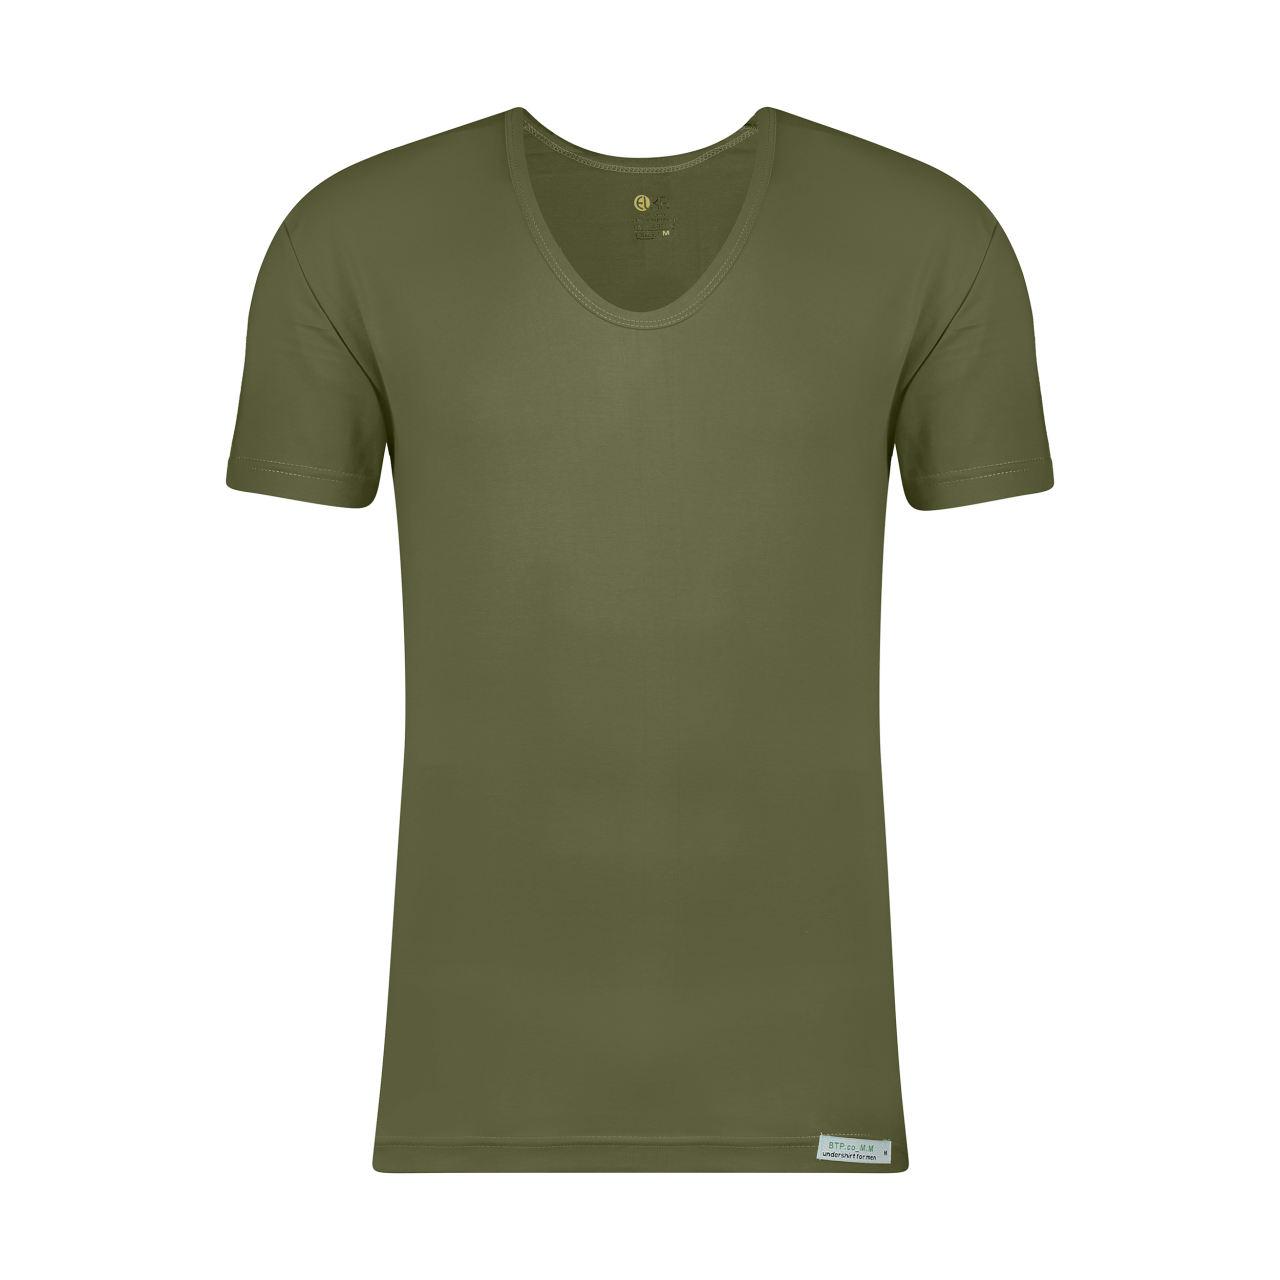 زیرپوش مردانه برهان تن پوش کد 06-02